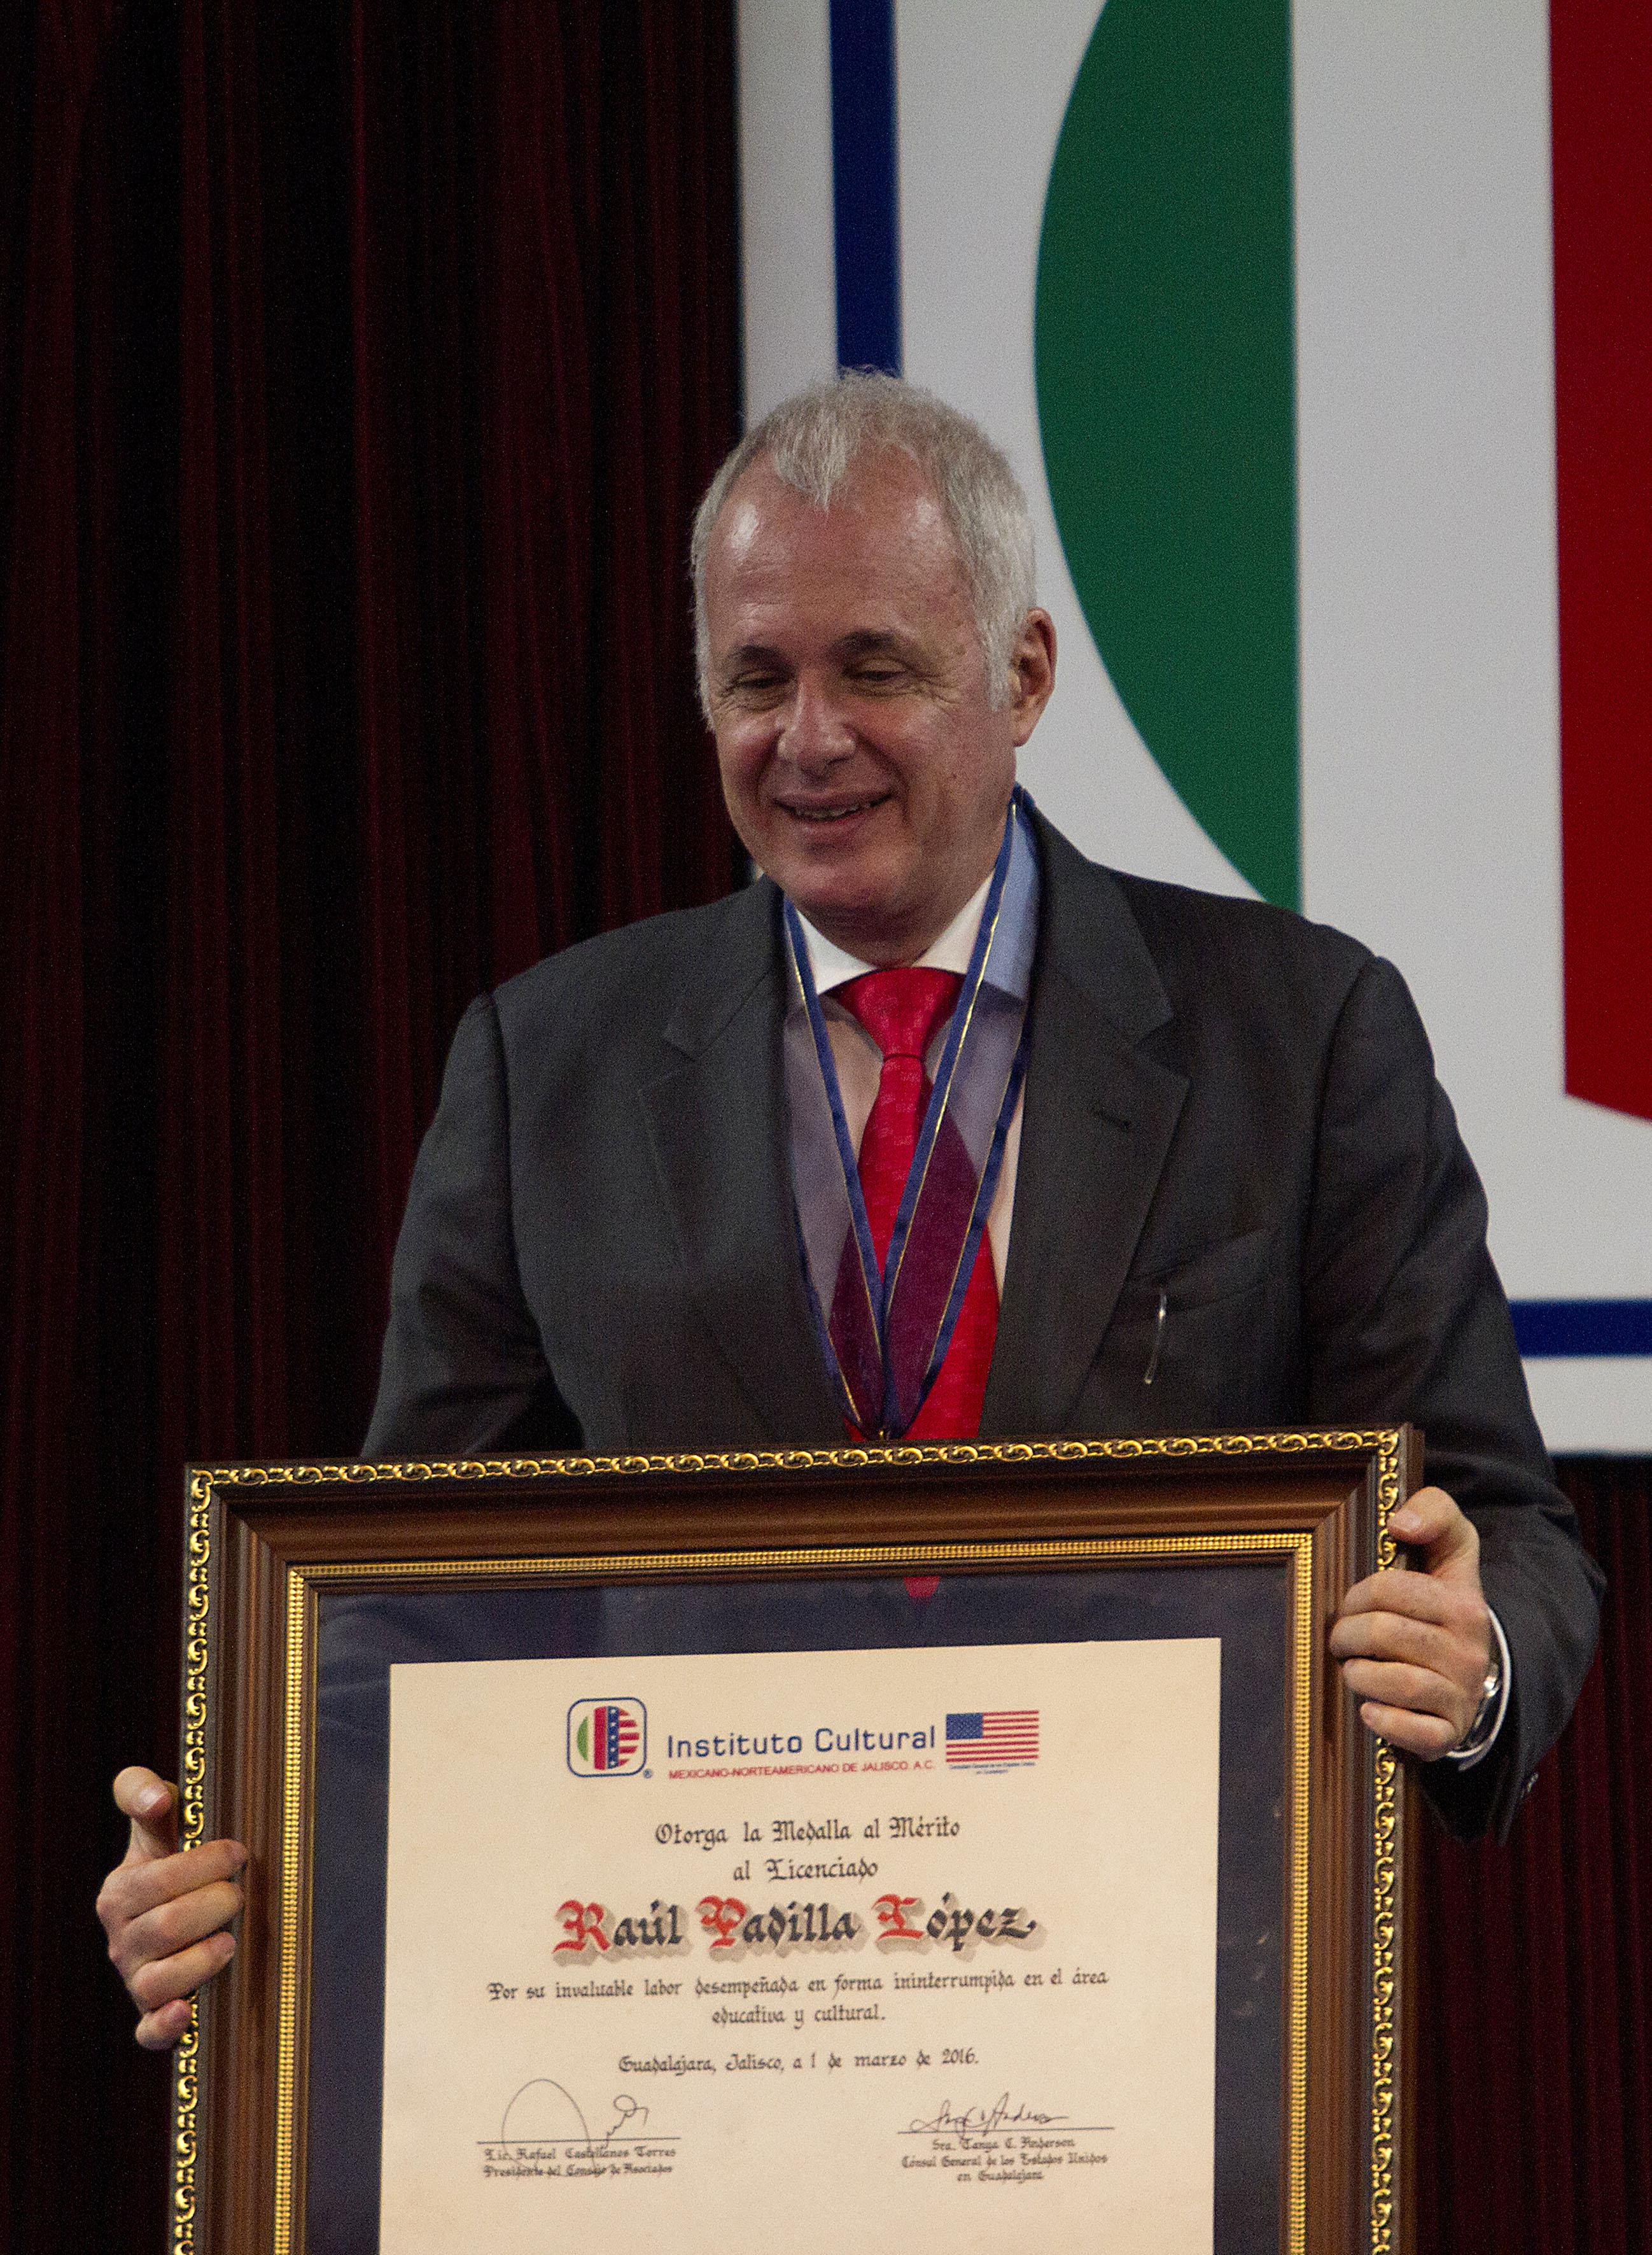 Licenciado Raúl Padilla López, presidente de la FIL Guadalajara y del Festival Internacional de Cine de Guadalajara (FICG), mostrando el reconocimiento de la medalla al mérito.